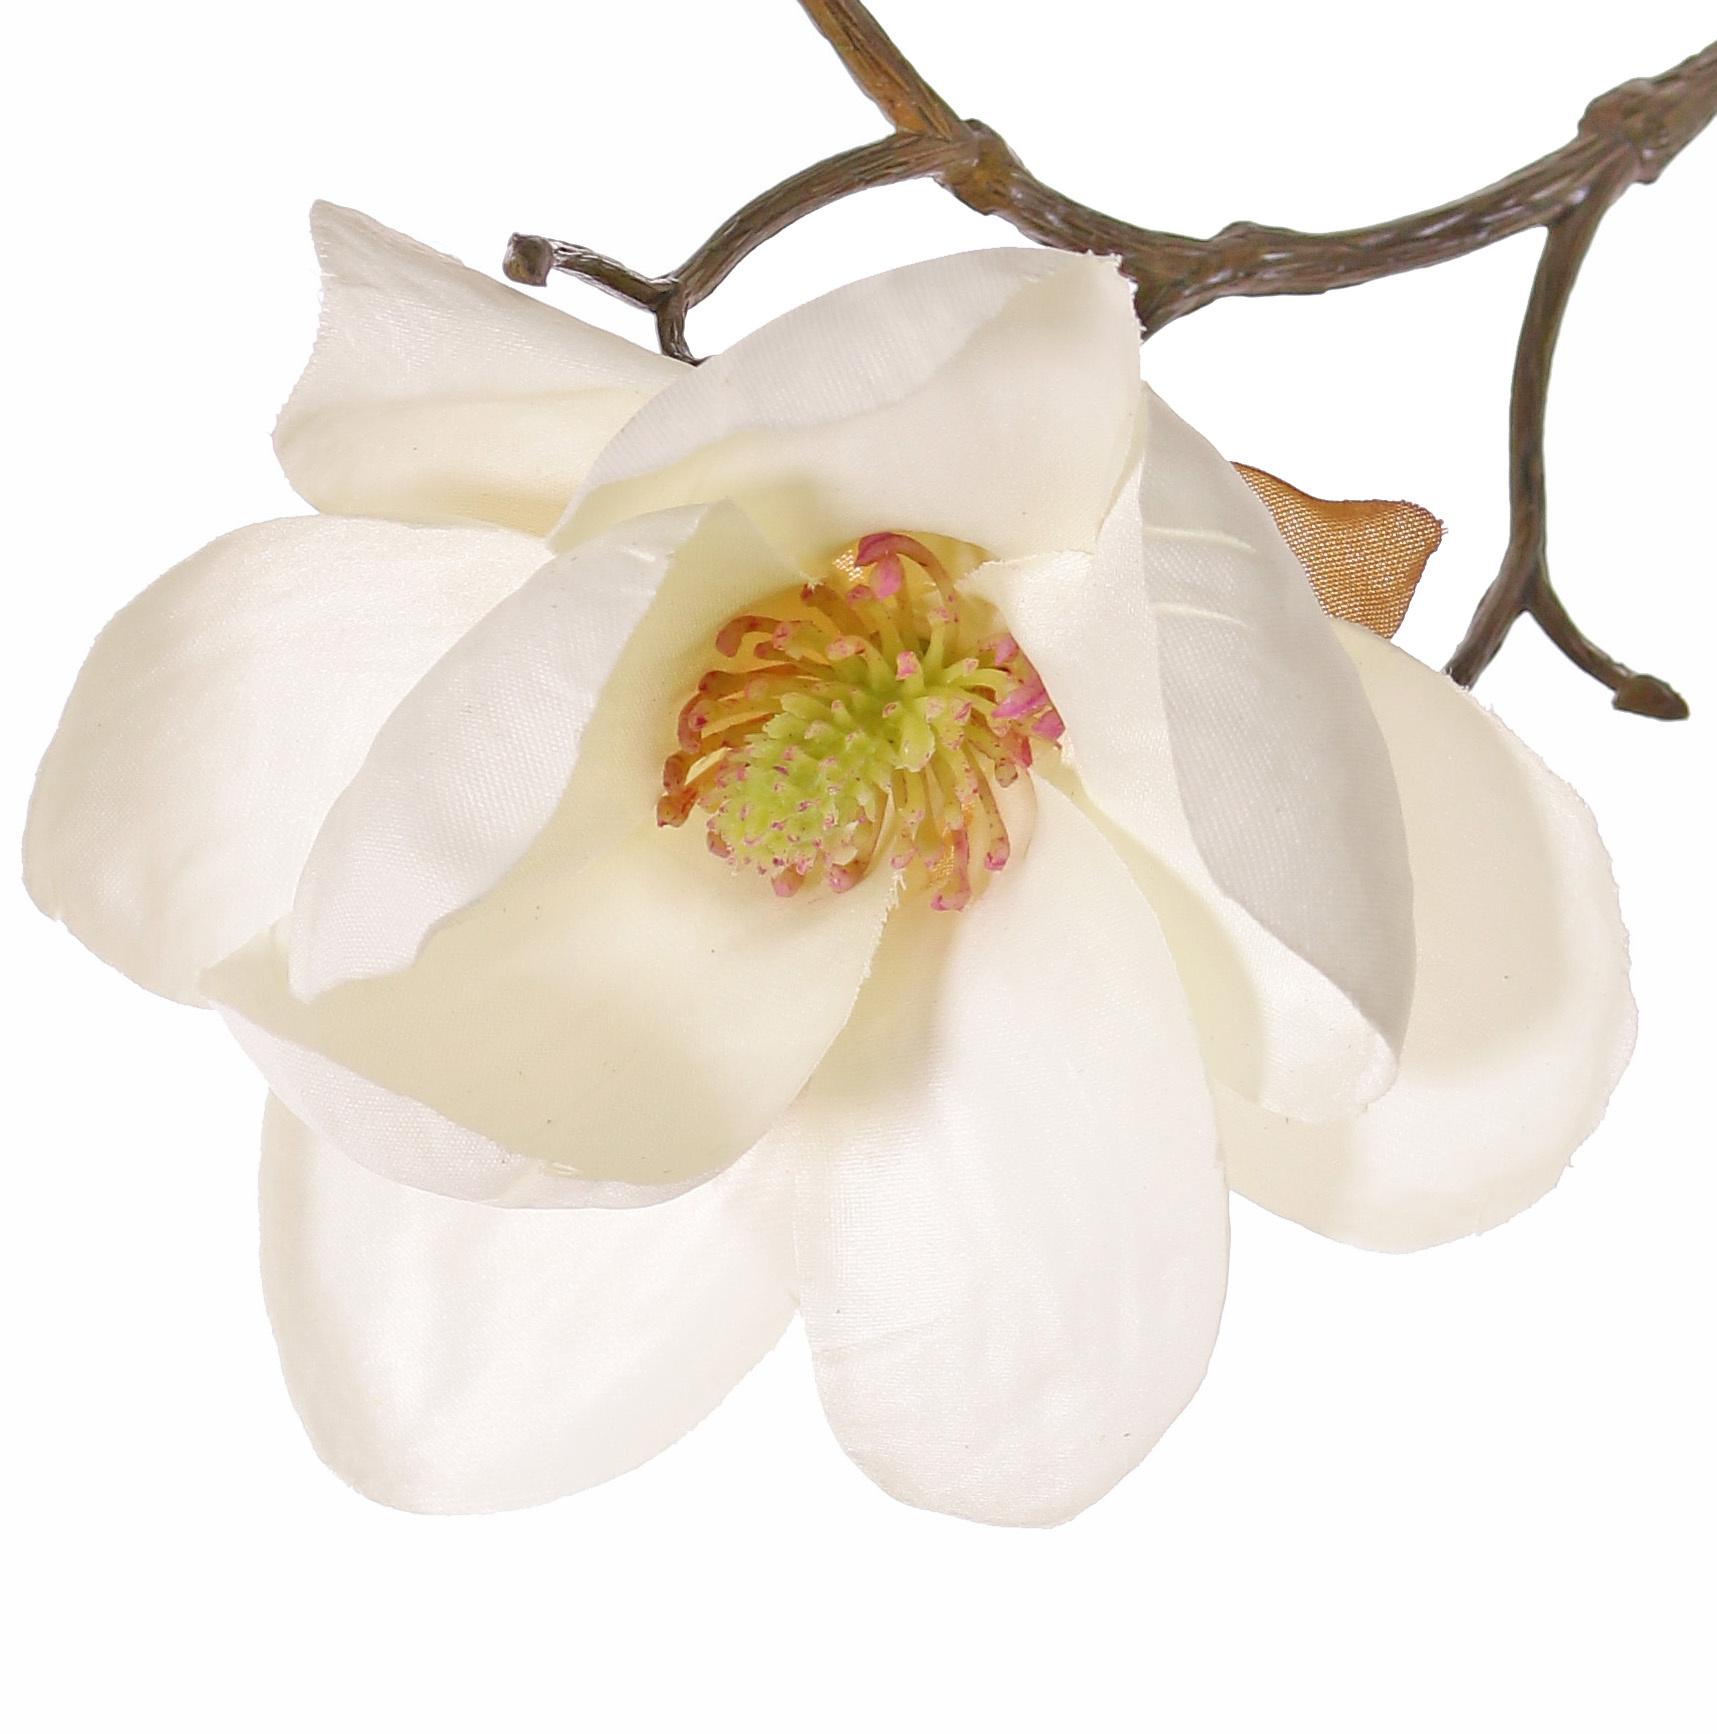 Magnolia, 5 flores (3x Ø 8cm, 2x 5 cm) & 12 capullos, 80 cm